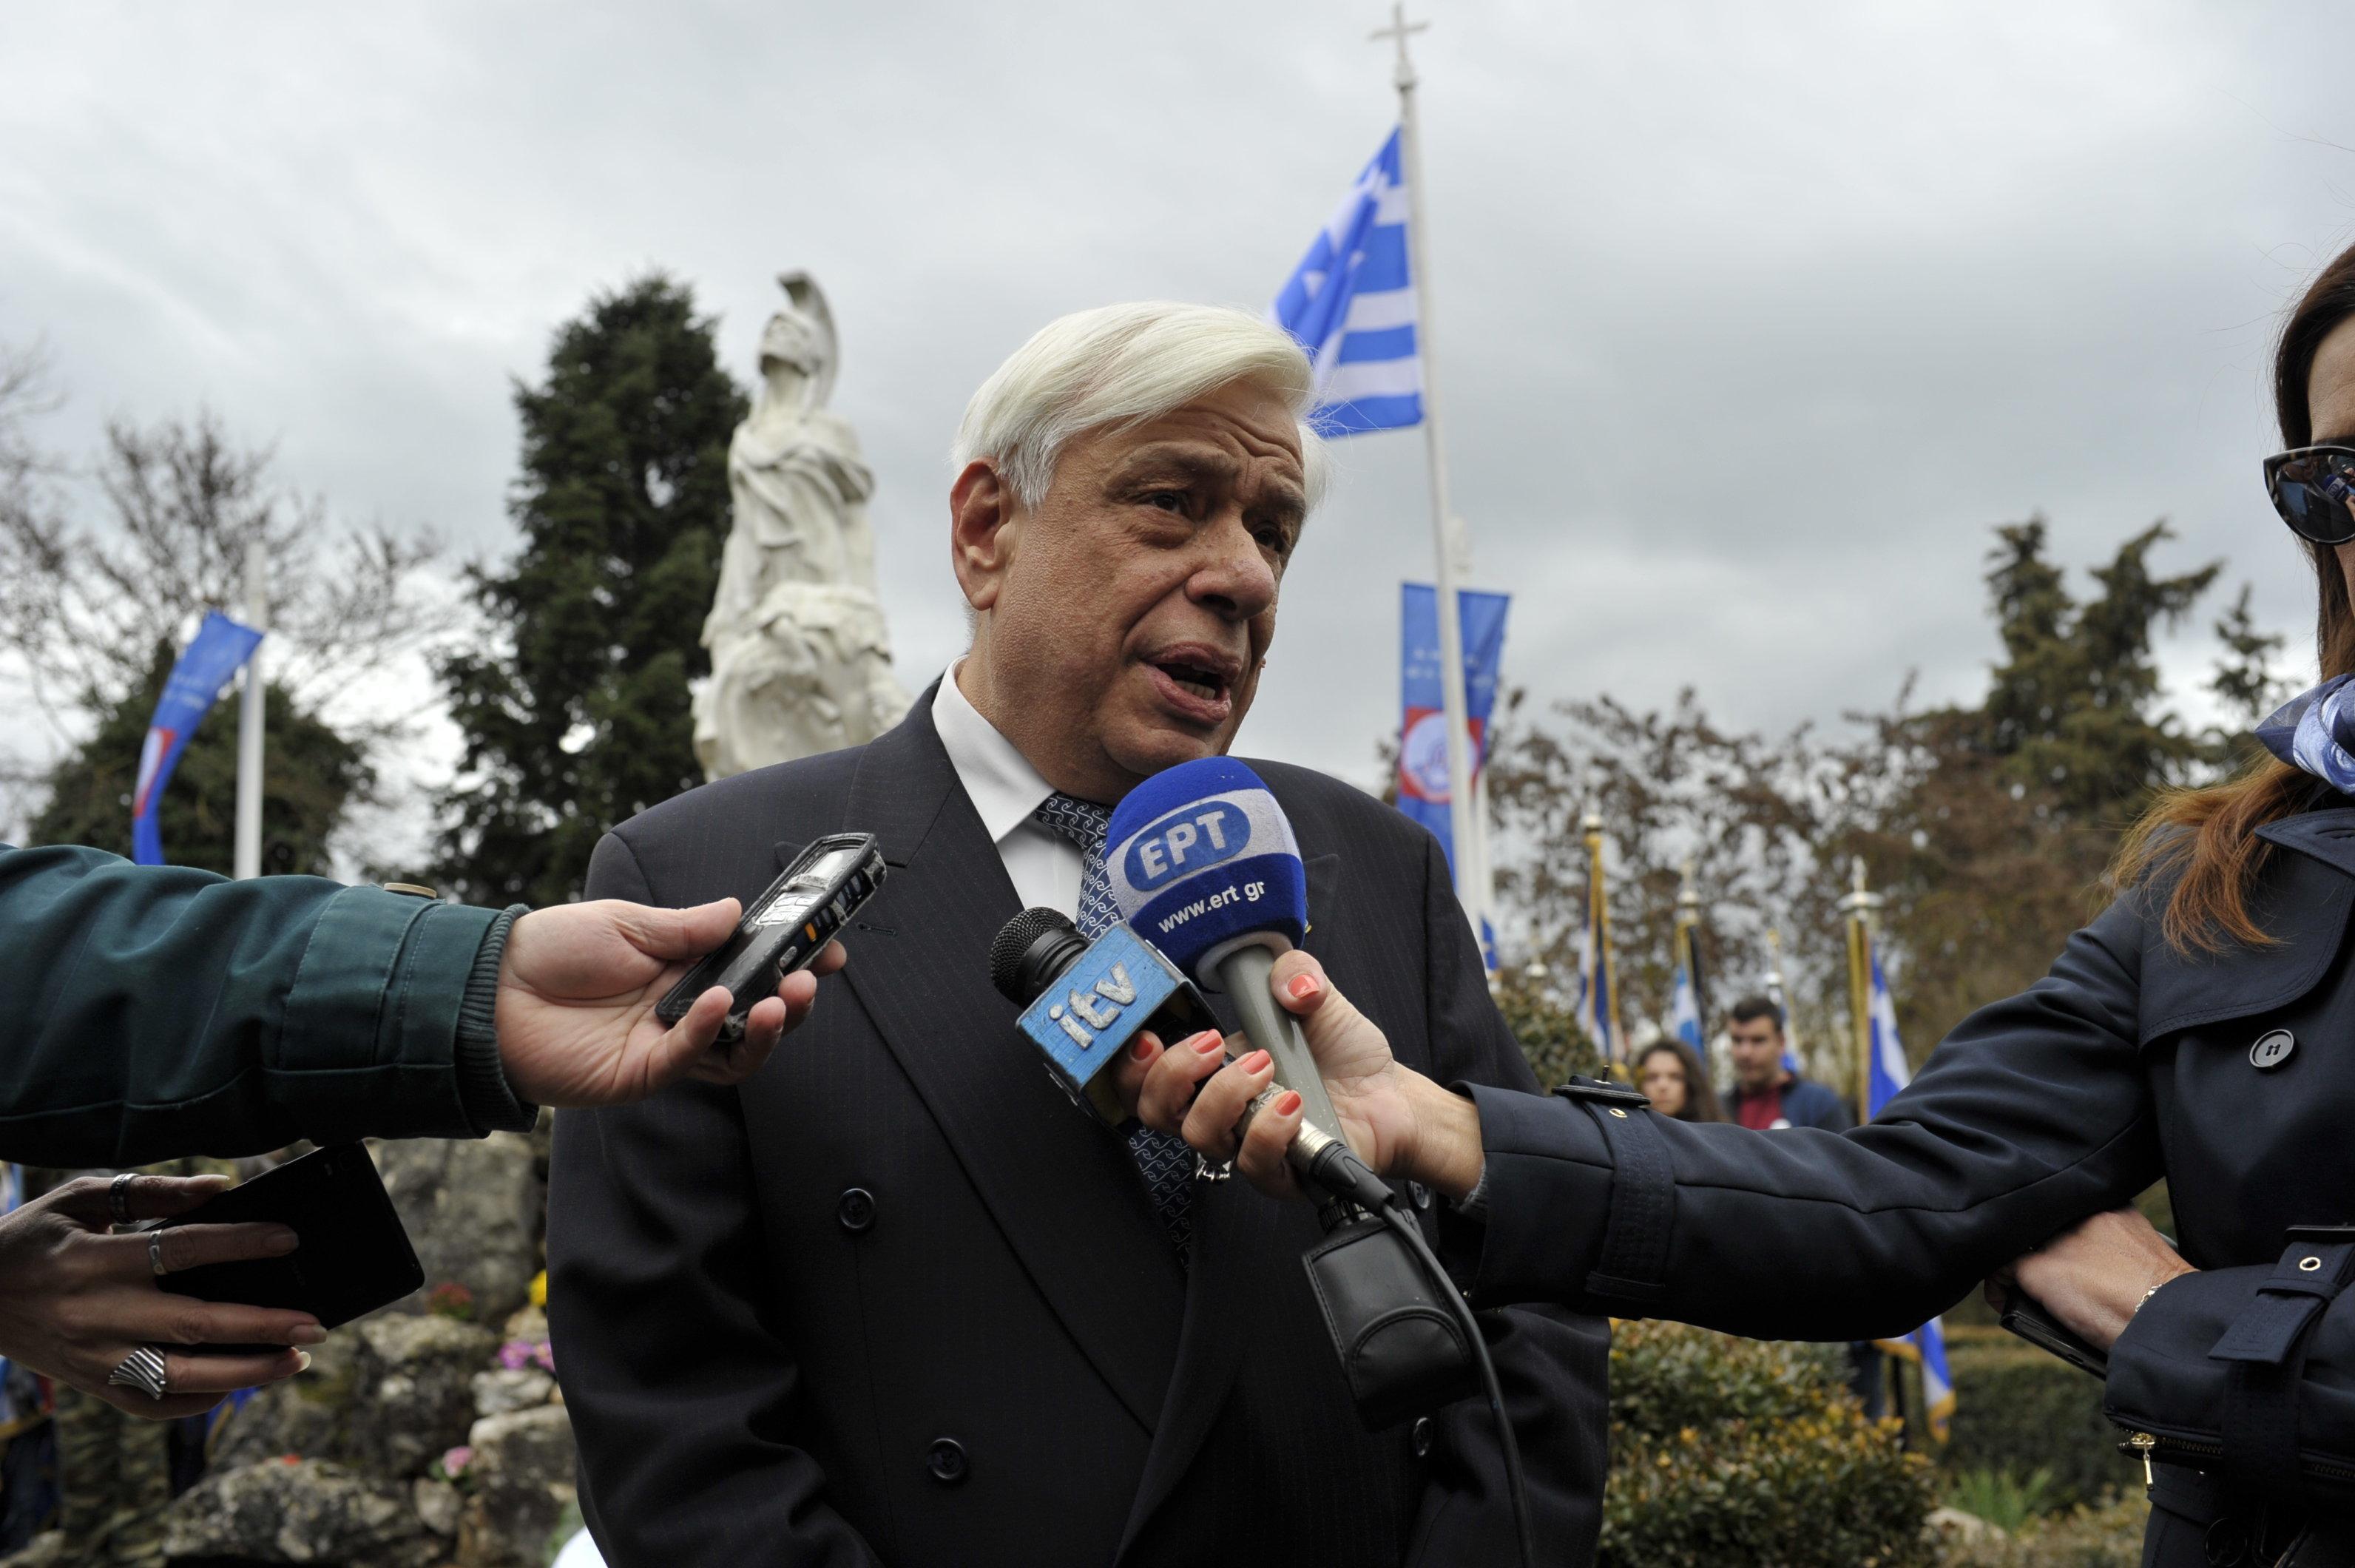 Οι Έλληνες ξέρουμε να υπερασπιζόμαστε τα σύνορα και την εθνική μας κυριαρχία